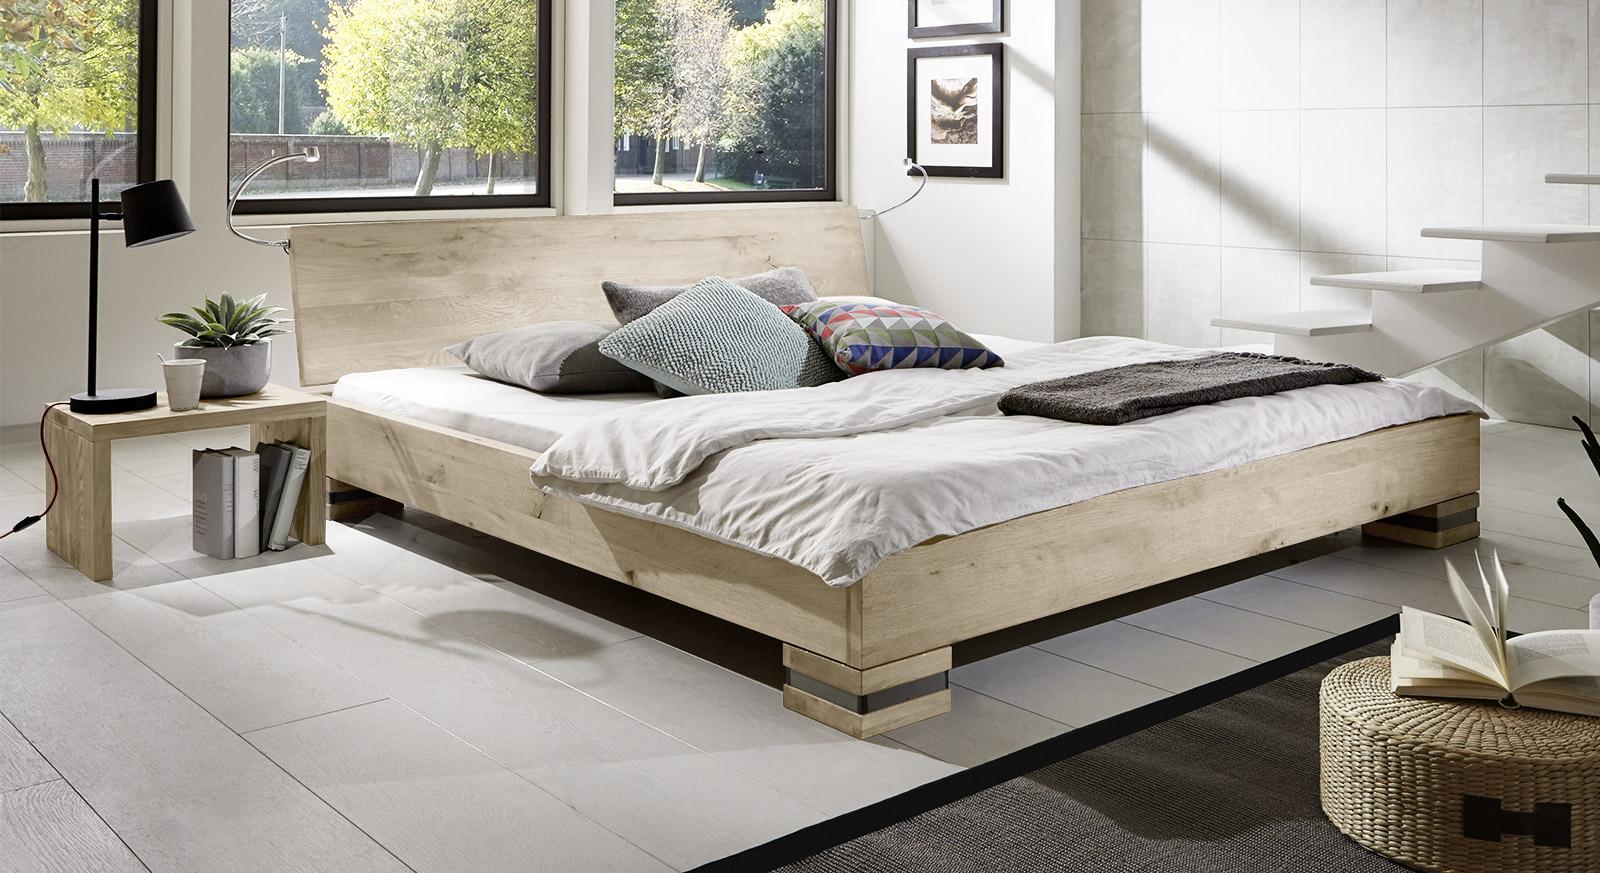 Massivholz-Bett Sillaro in weißer Wildeiche.